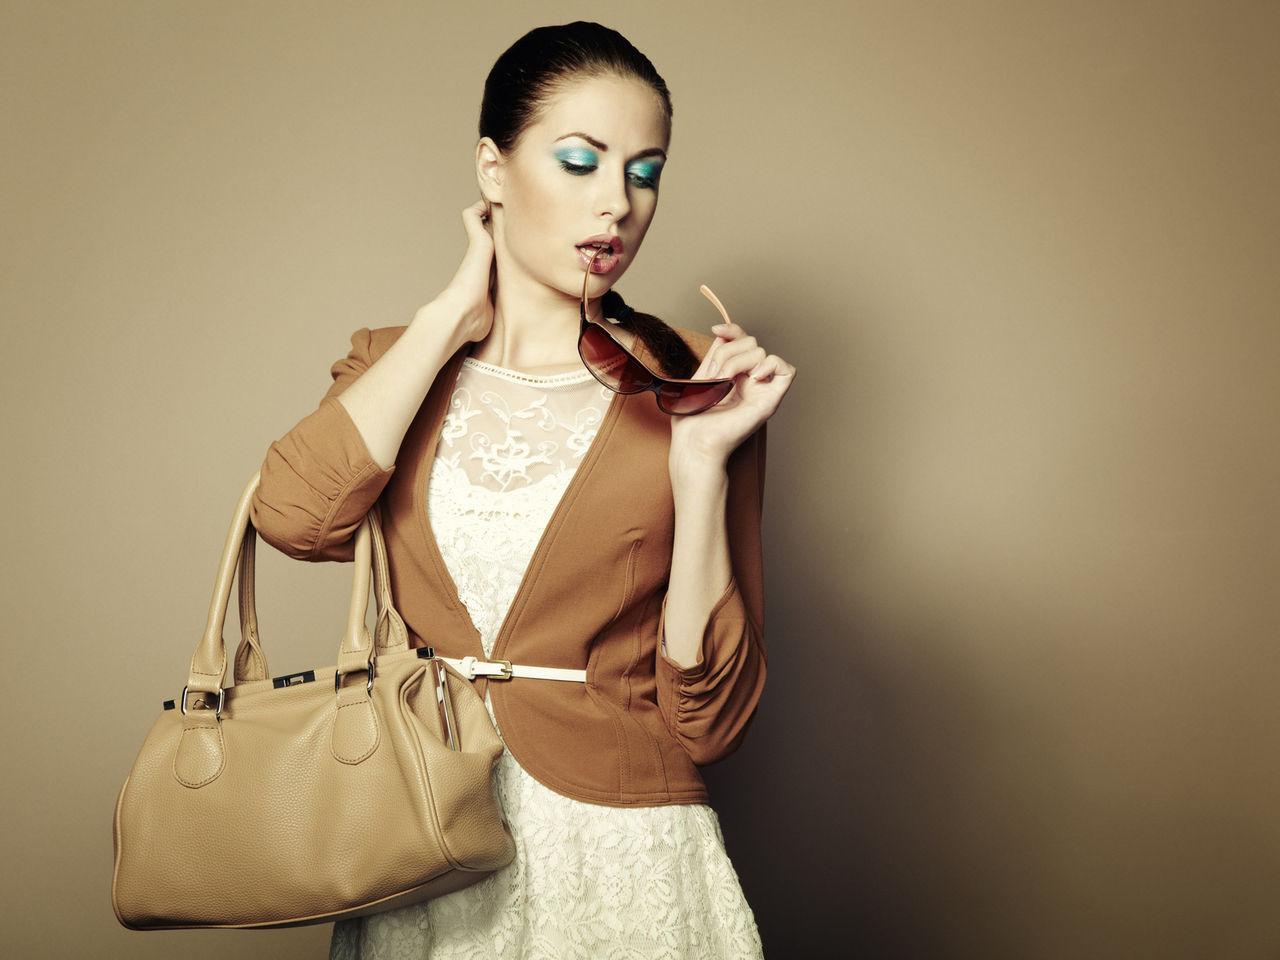 Девушка в белом платье из кружева и коричневом трикотажном жакете с сумкой и очками